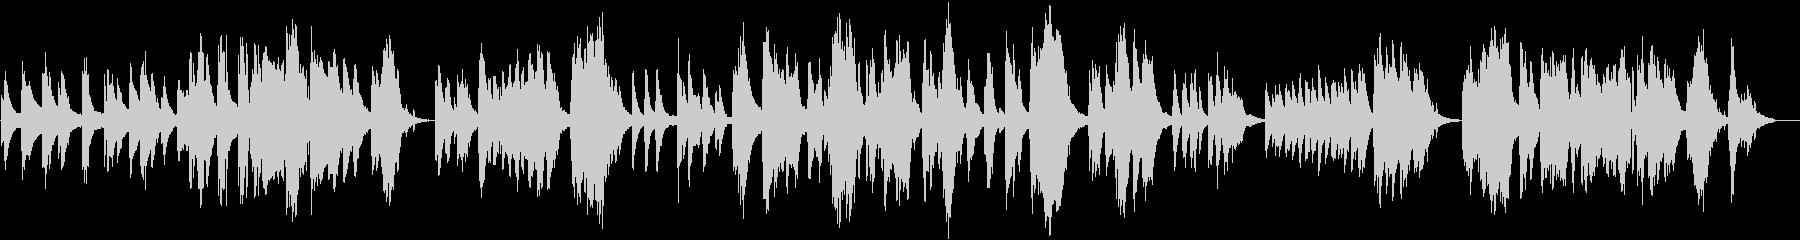 ピアノソロ、ジャズバラード調の未再生の波形